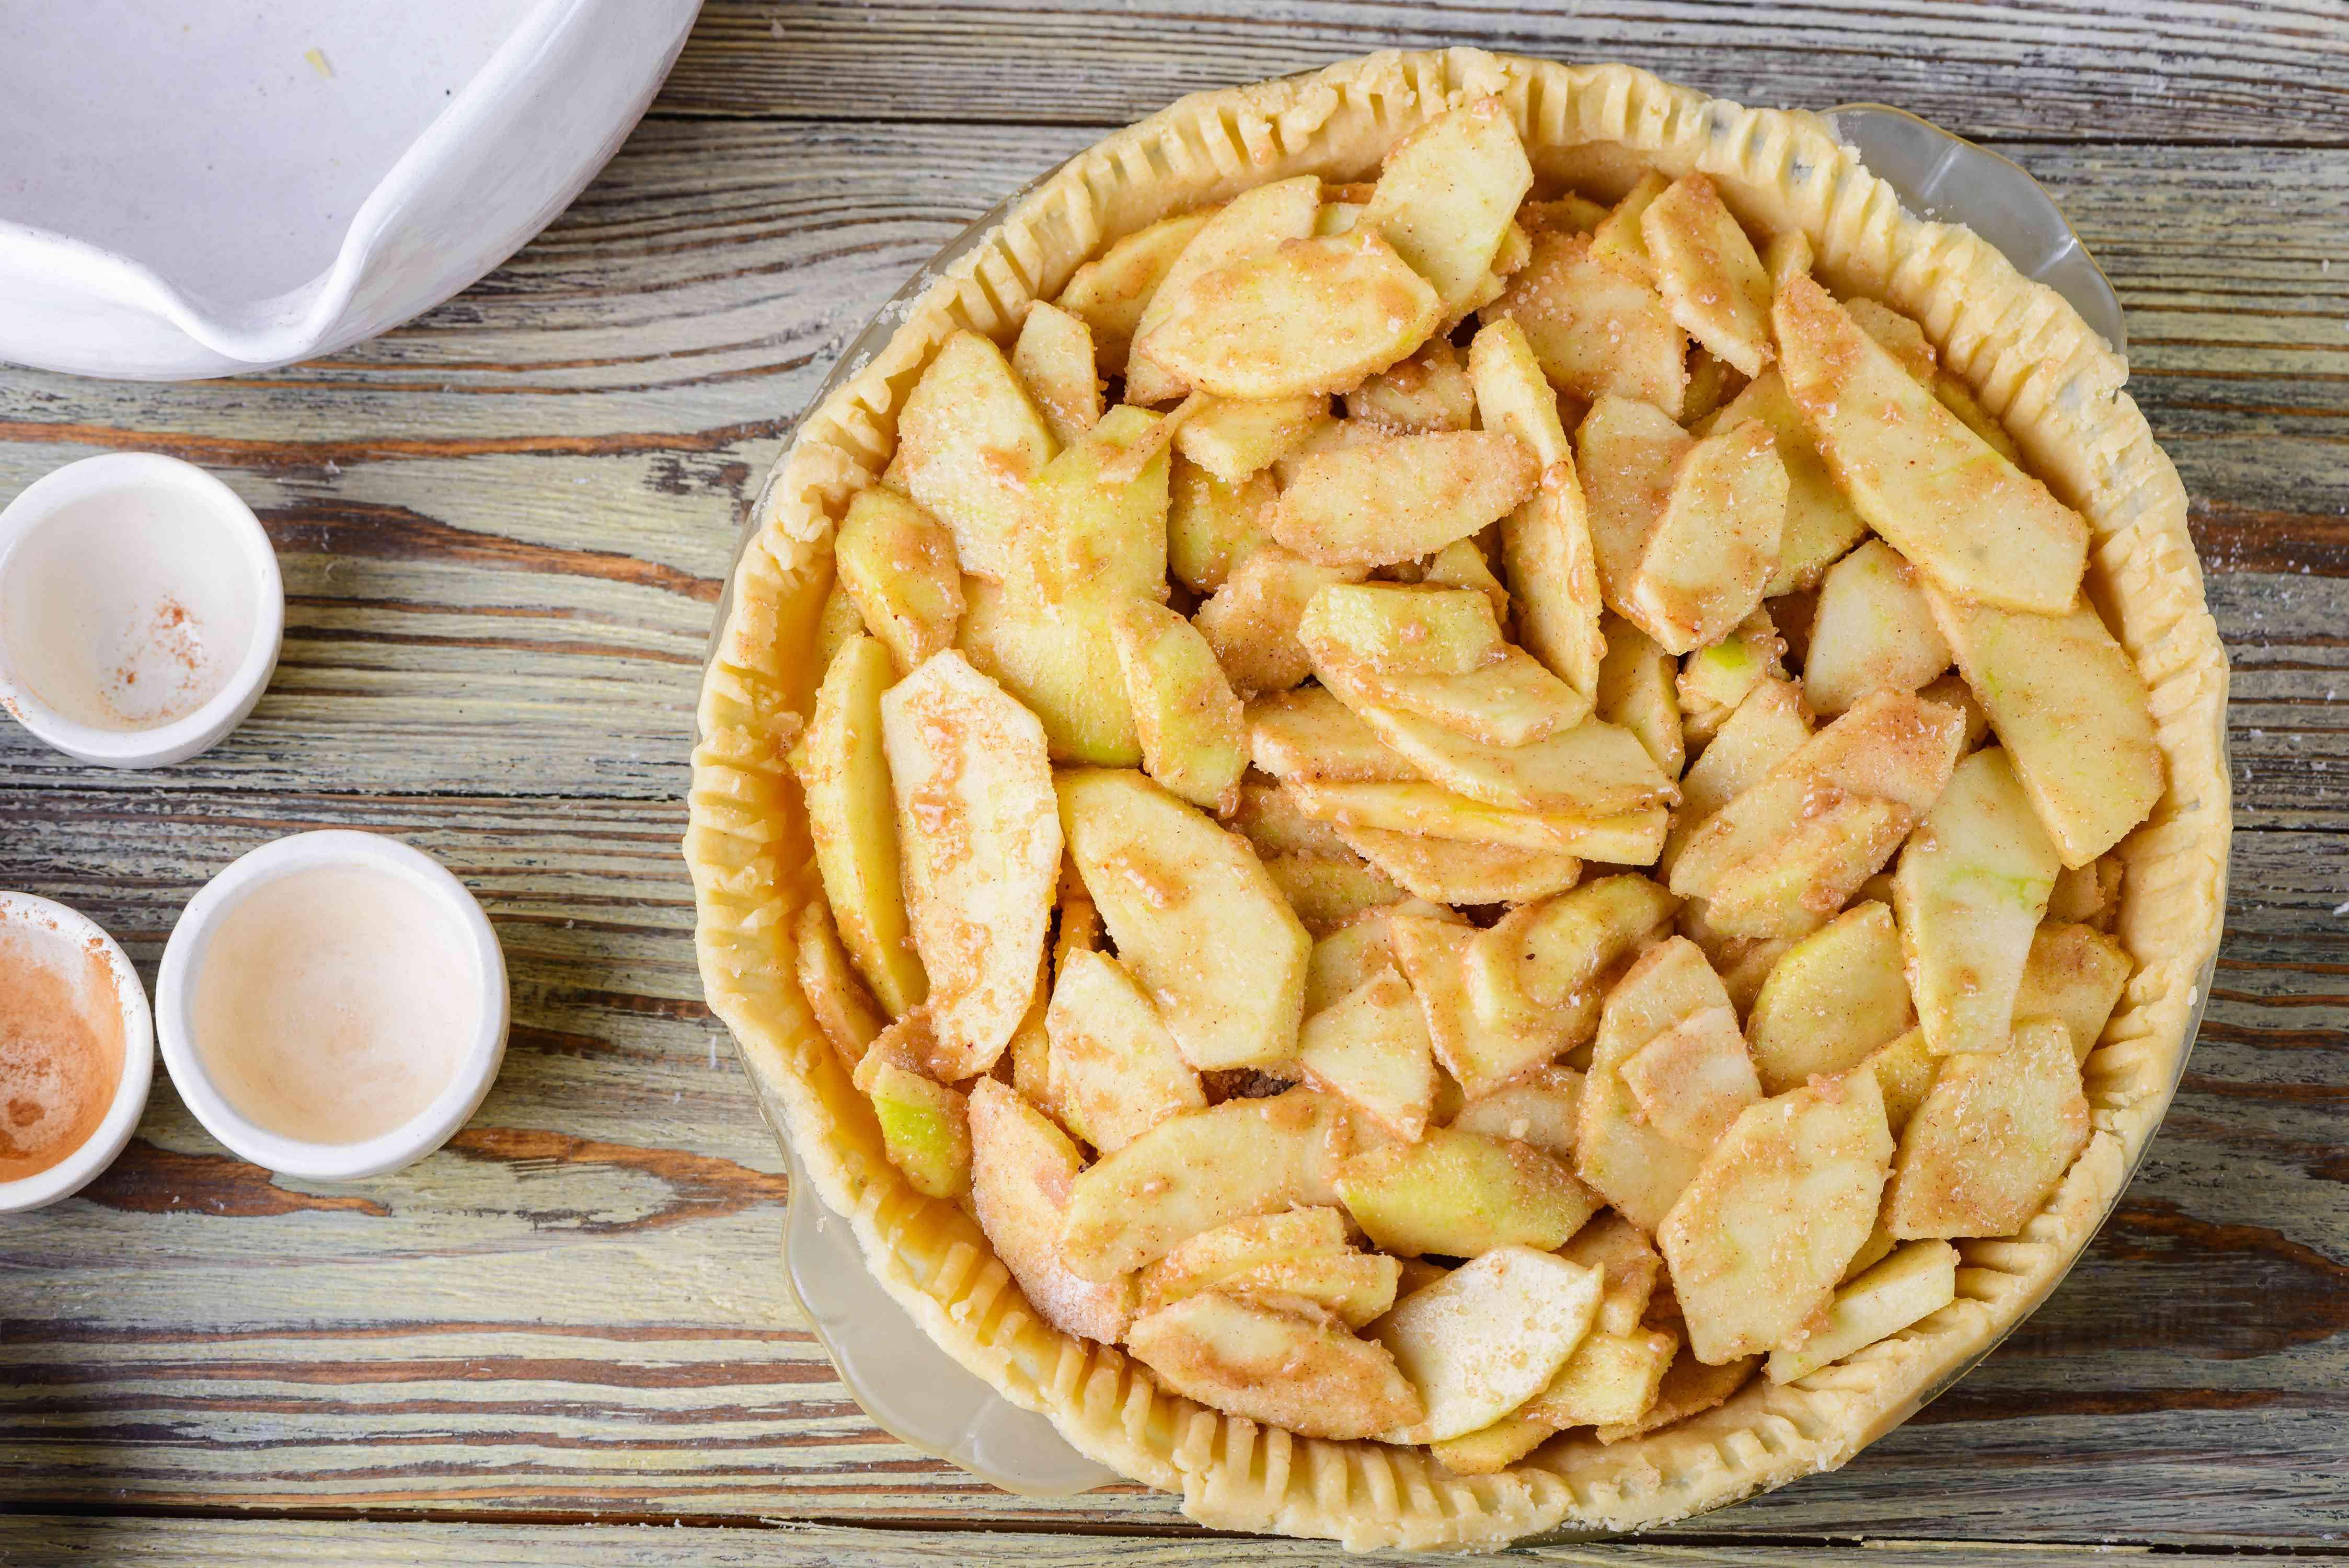 Pour apples into dough